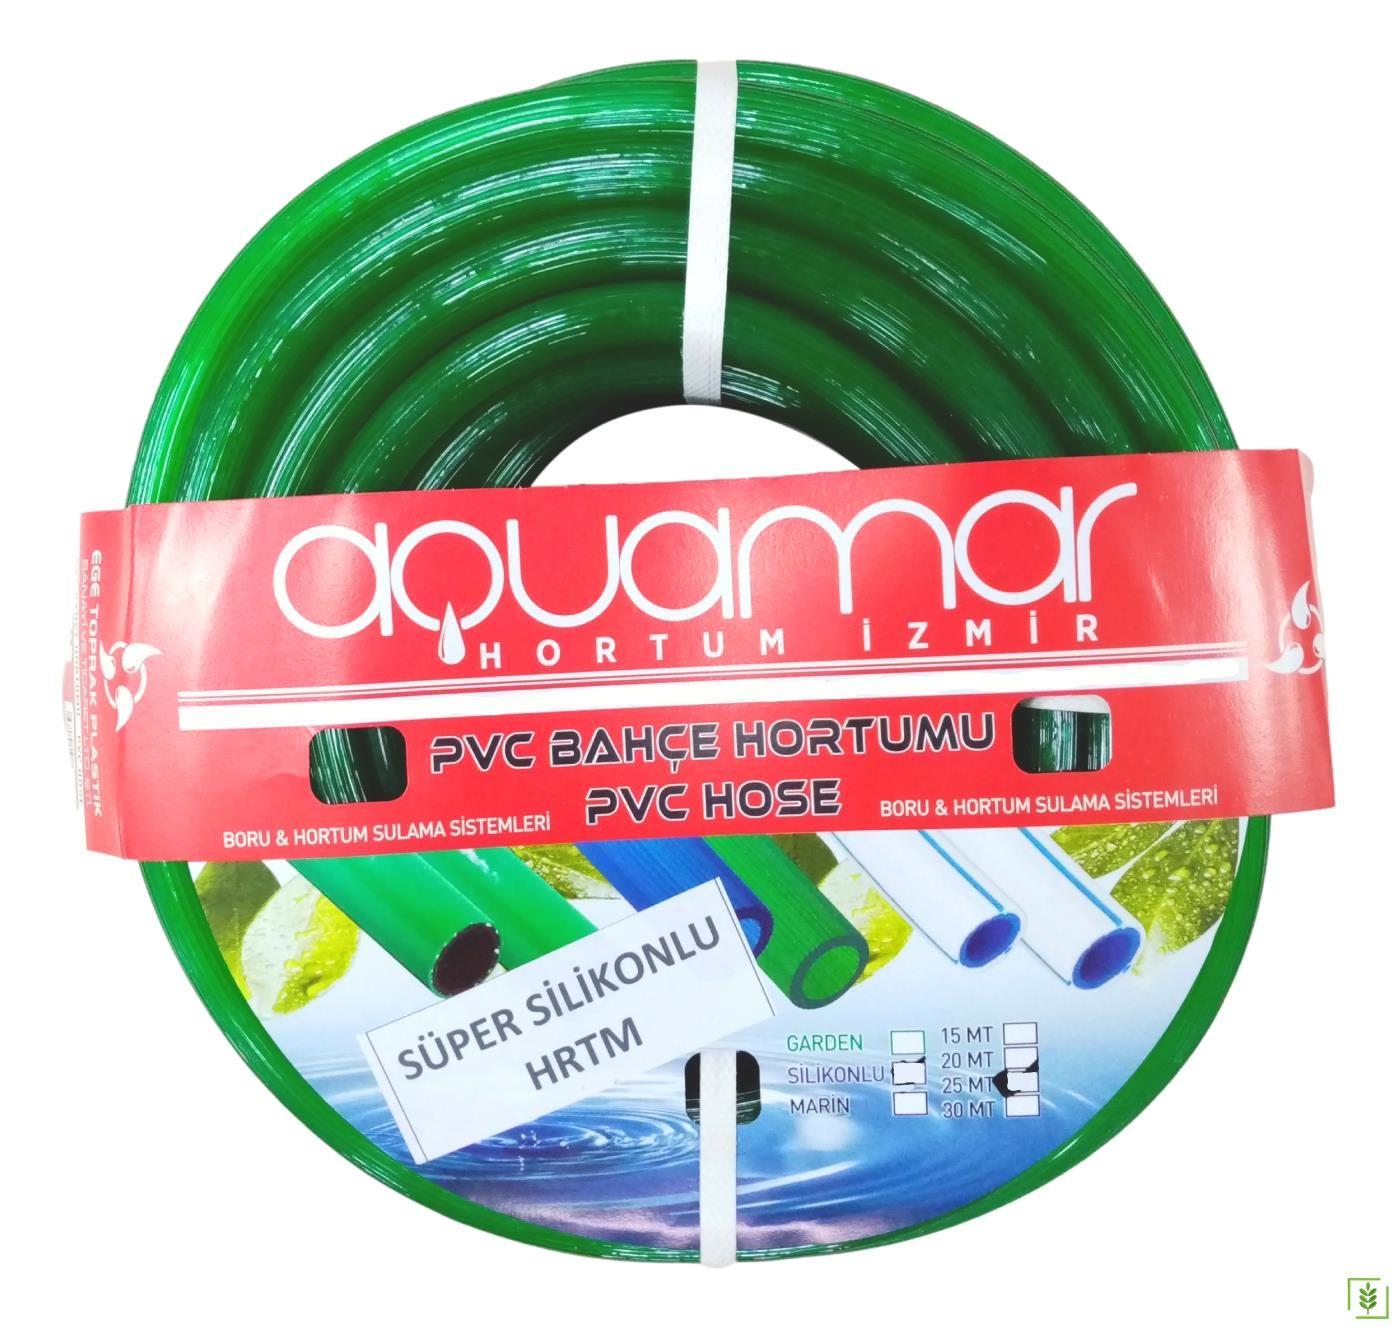 Aquamar Süper Silikonlu Şeffaf Hortum 1/2 25 mt Yeşil